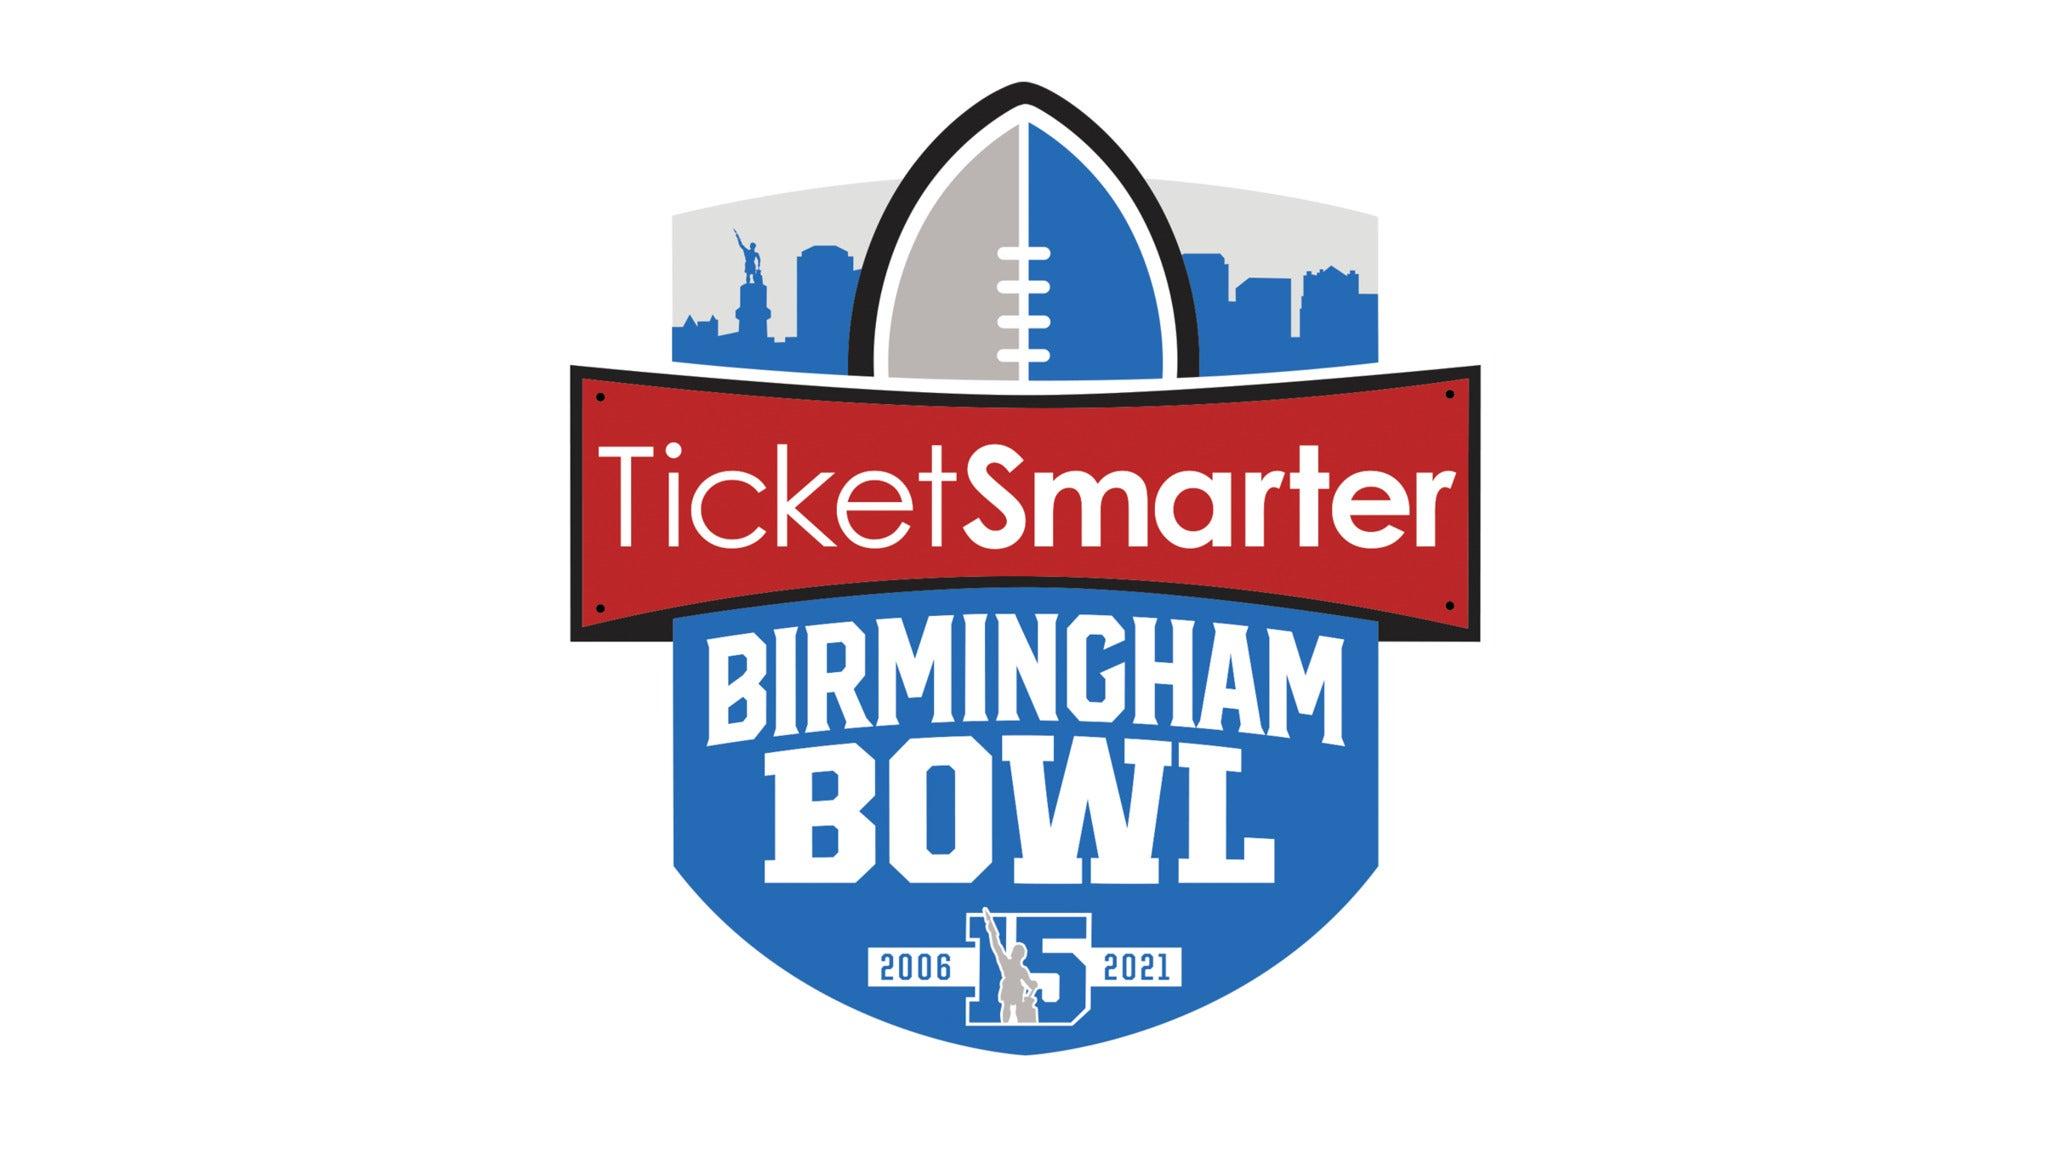 TicketSmarter Birmingham Bowl at Protective Stadium - Birmingham, AL 35203